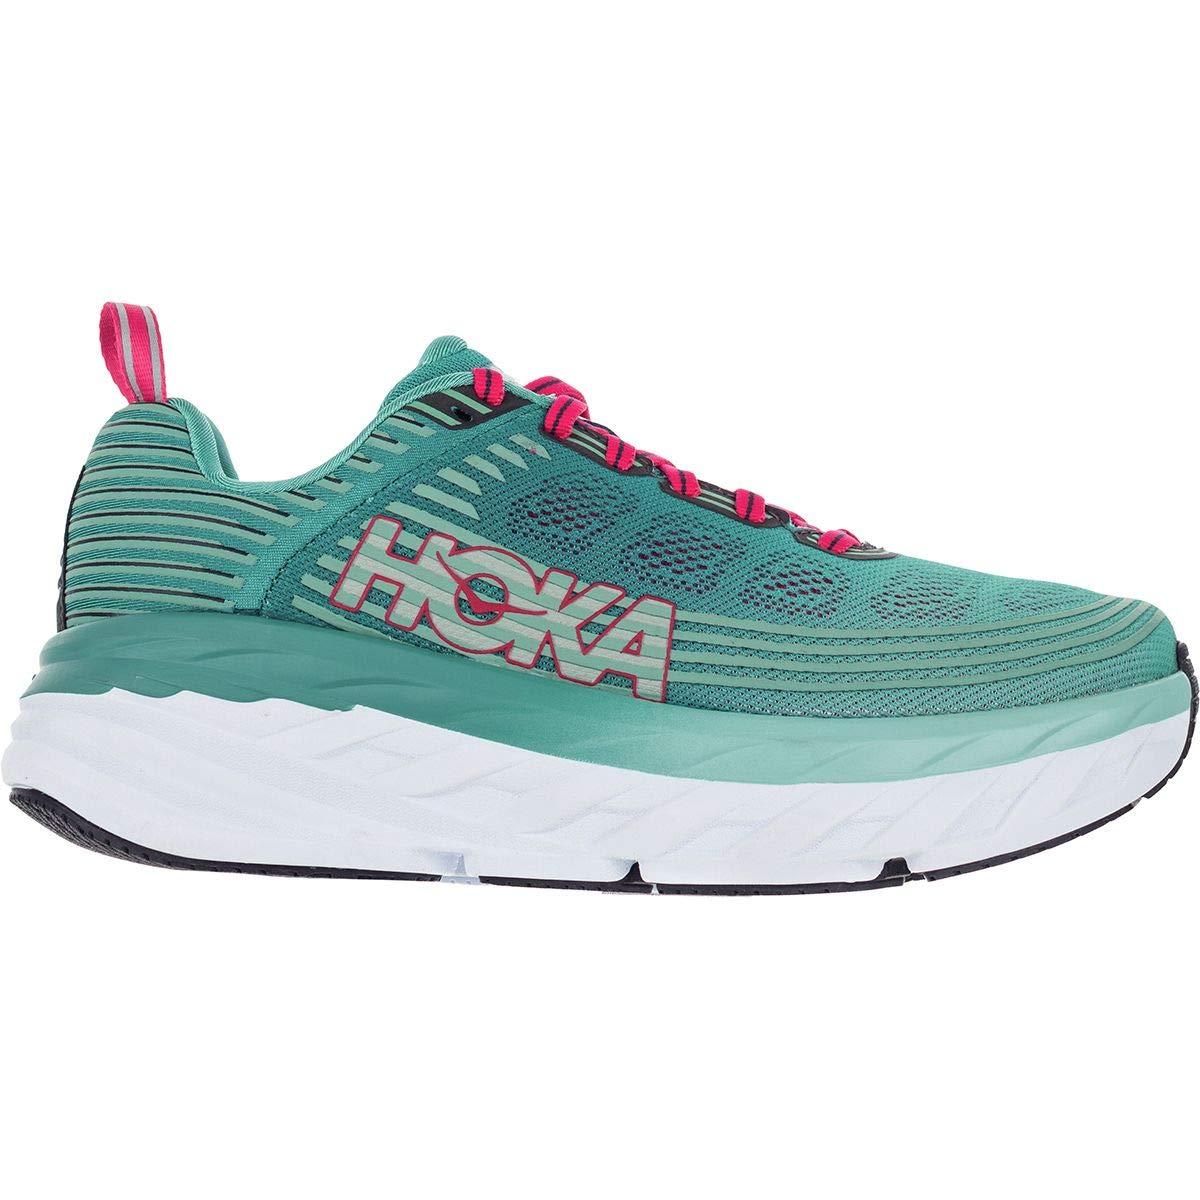 正式的 [ホッカオネオネ] [並行輸入品] 6 レディース ランニング 9.5 Bondi 6 Running Shoe [並行輸入品] B07K18P7YP 9.5, 時津町:716e736a --- tutor.officeporto.com